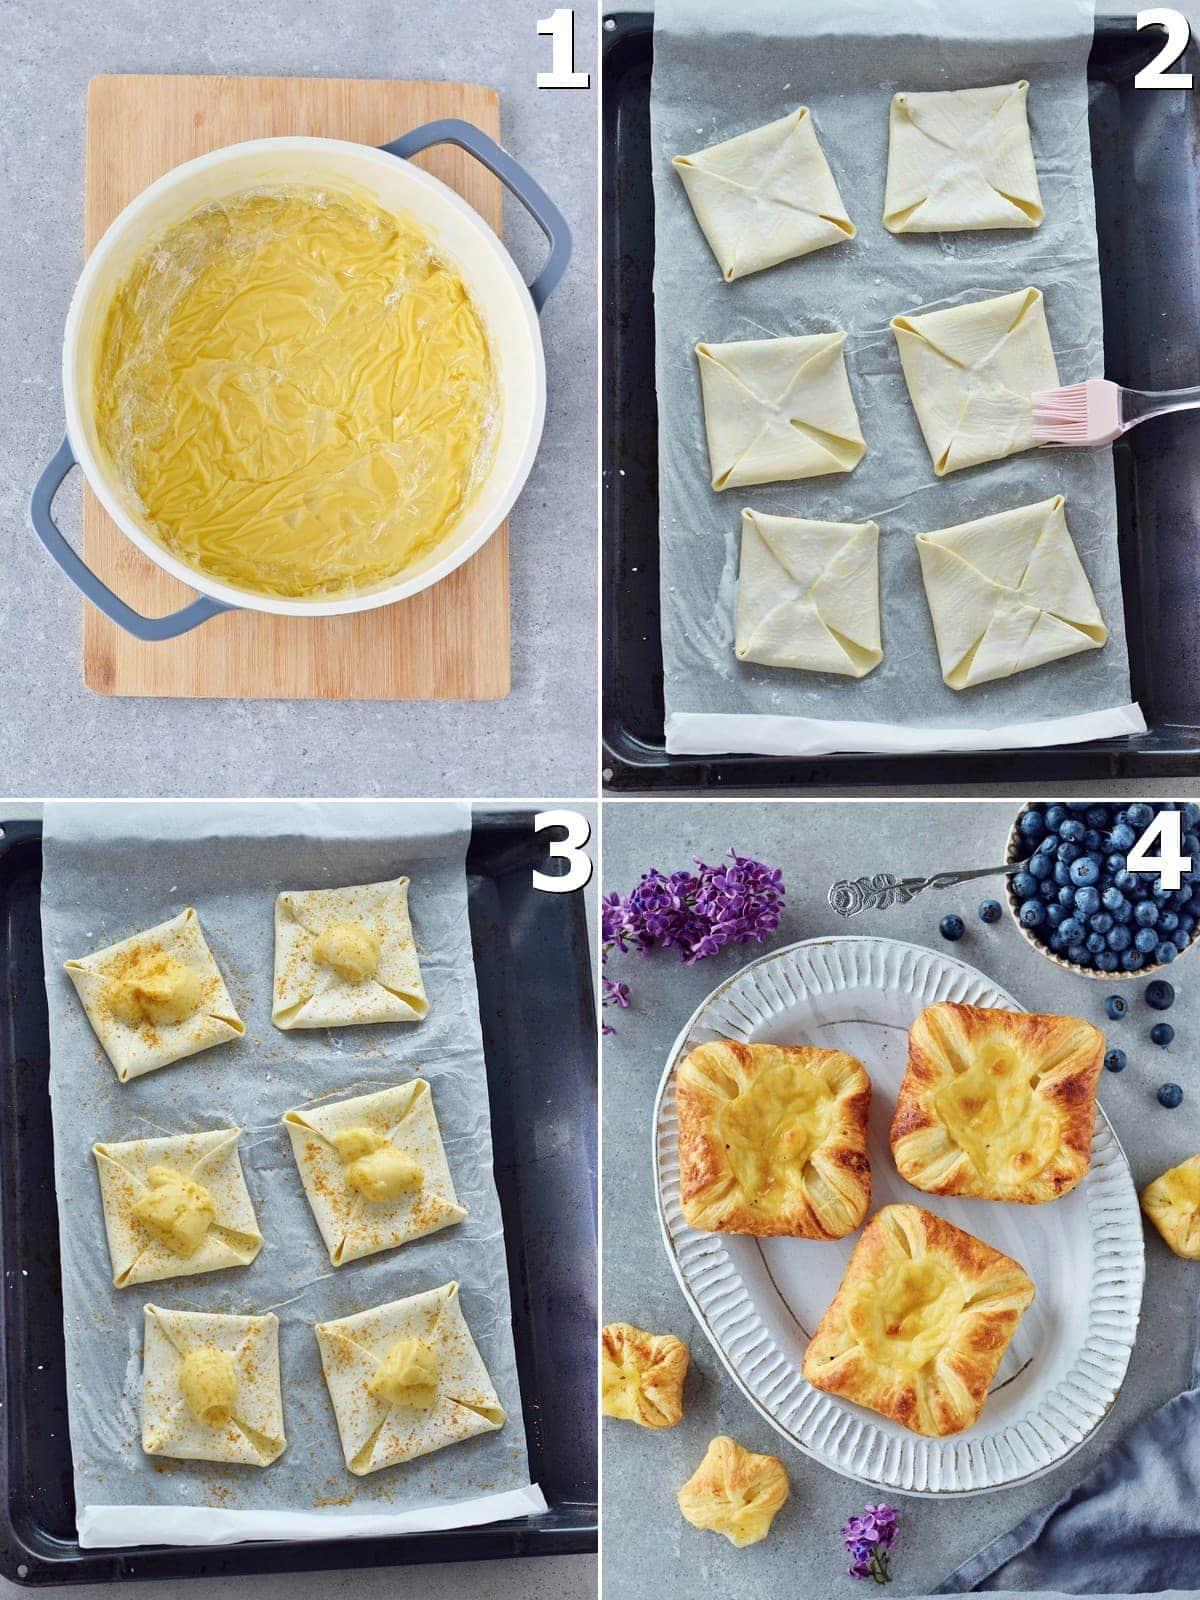 4 Schritt-für-Schritt-Fotos für die Zubereitung von Puddingplunder mit Blätterteig